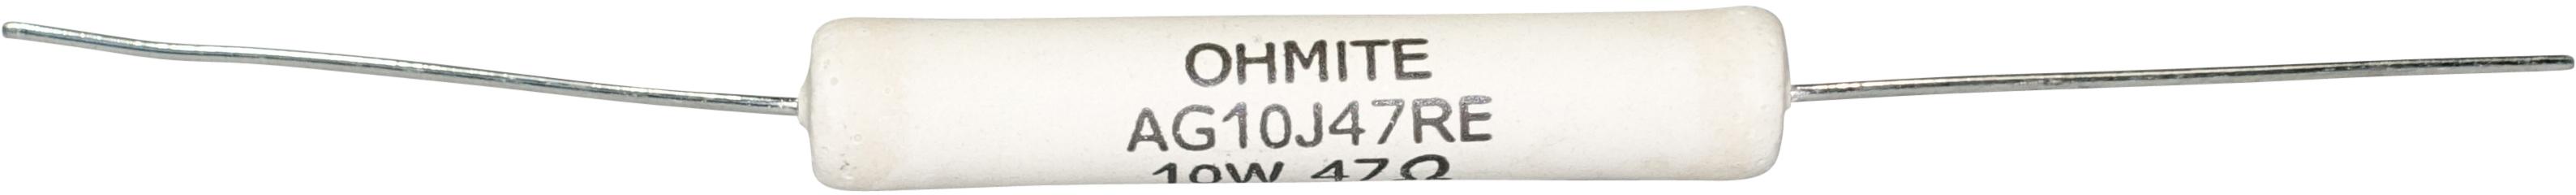 Ohmite Audio Gold 10W - 3,9k